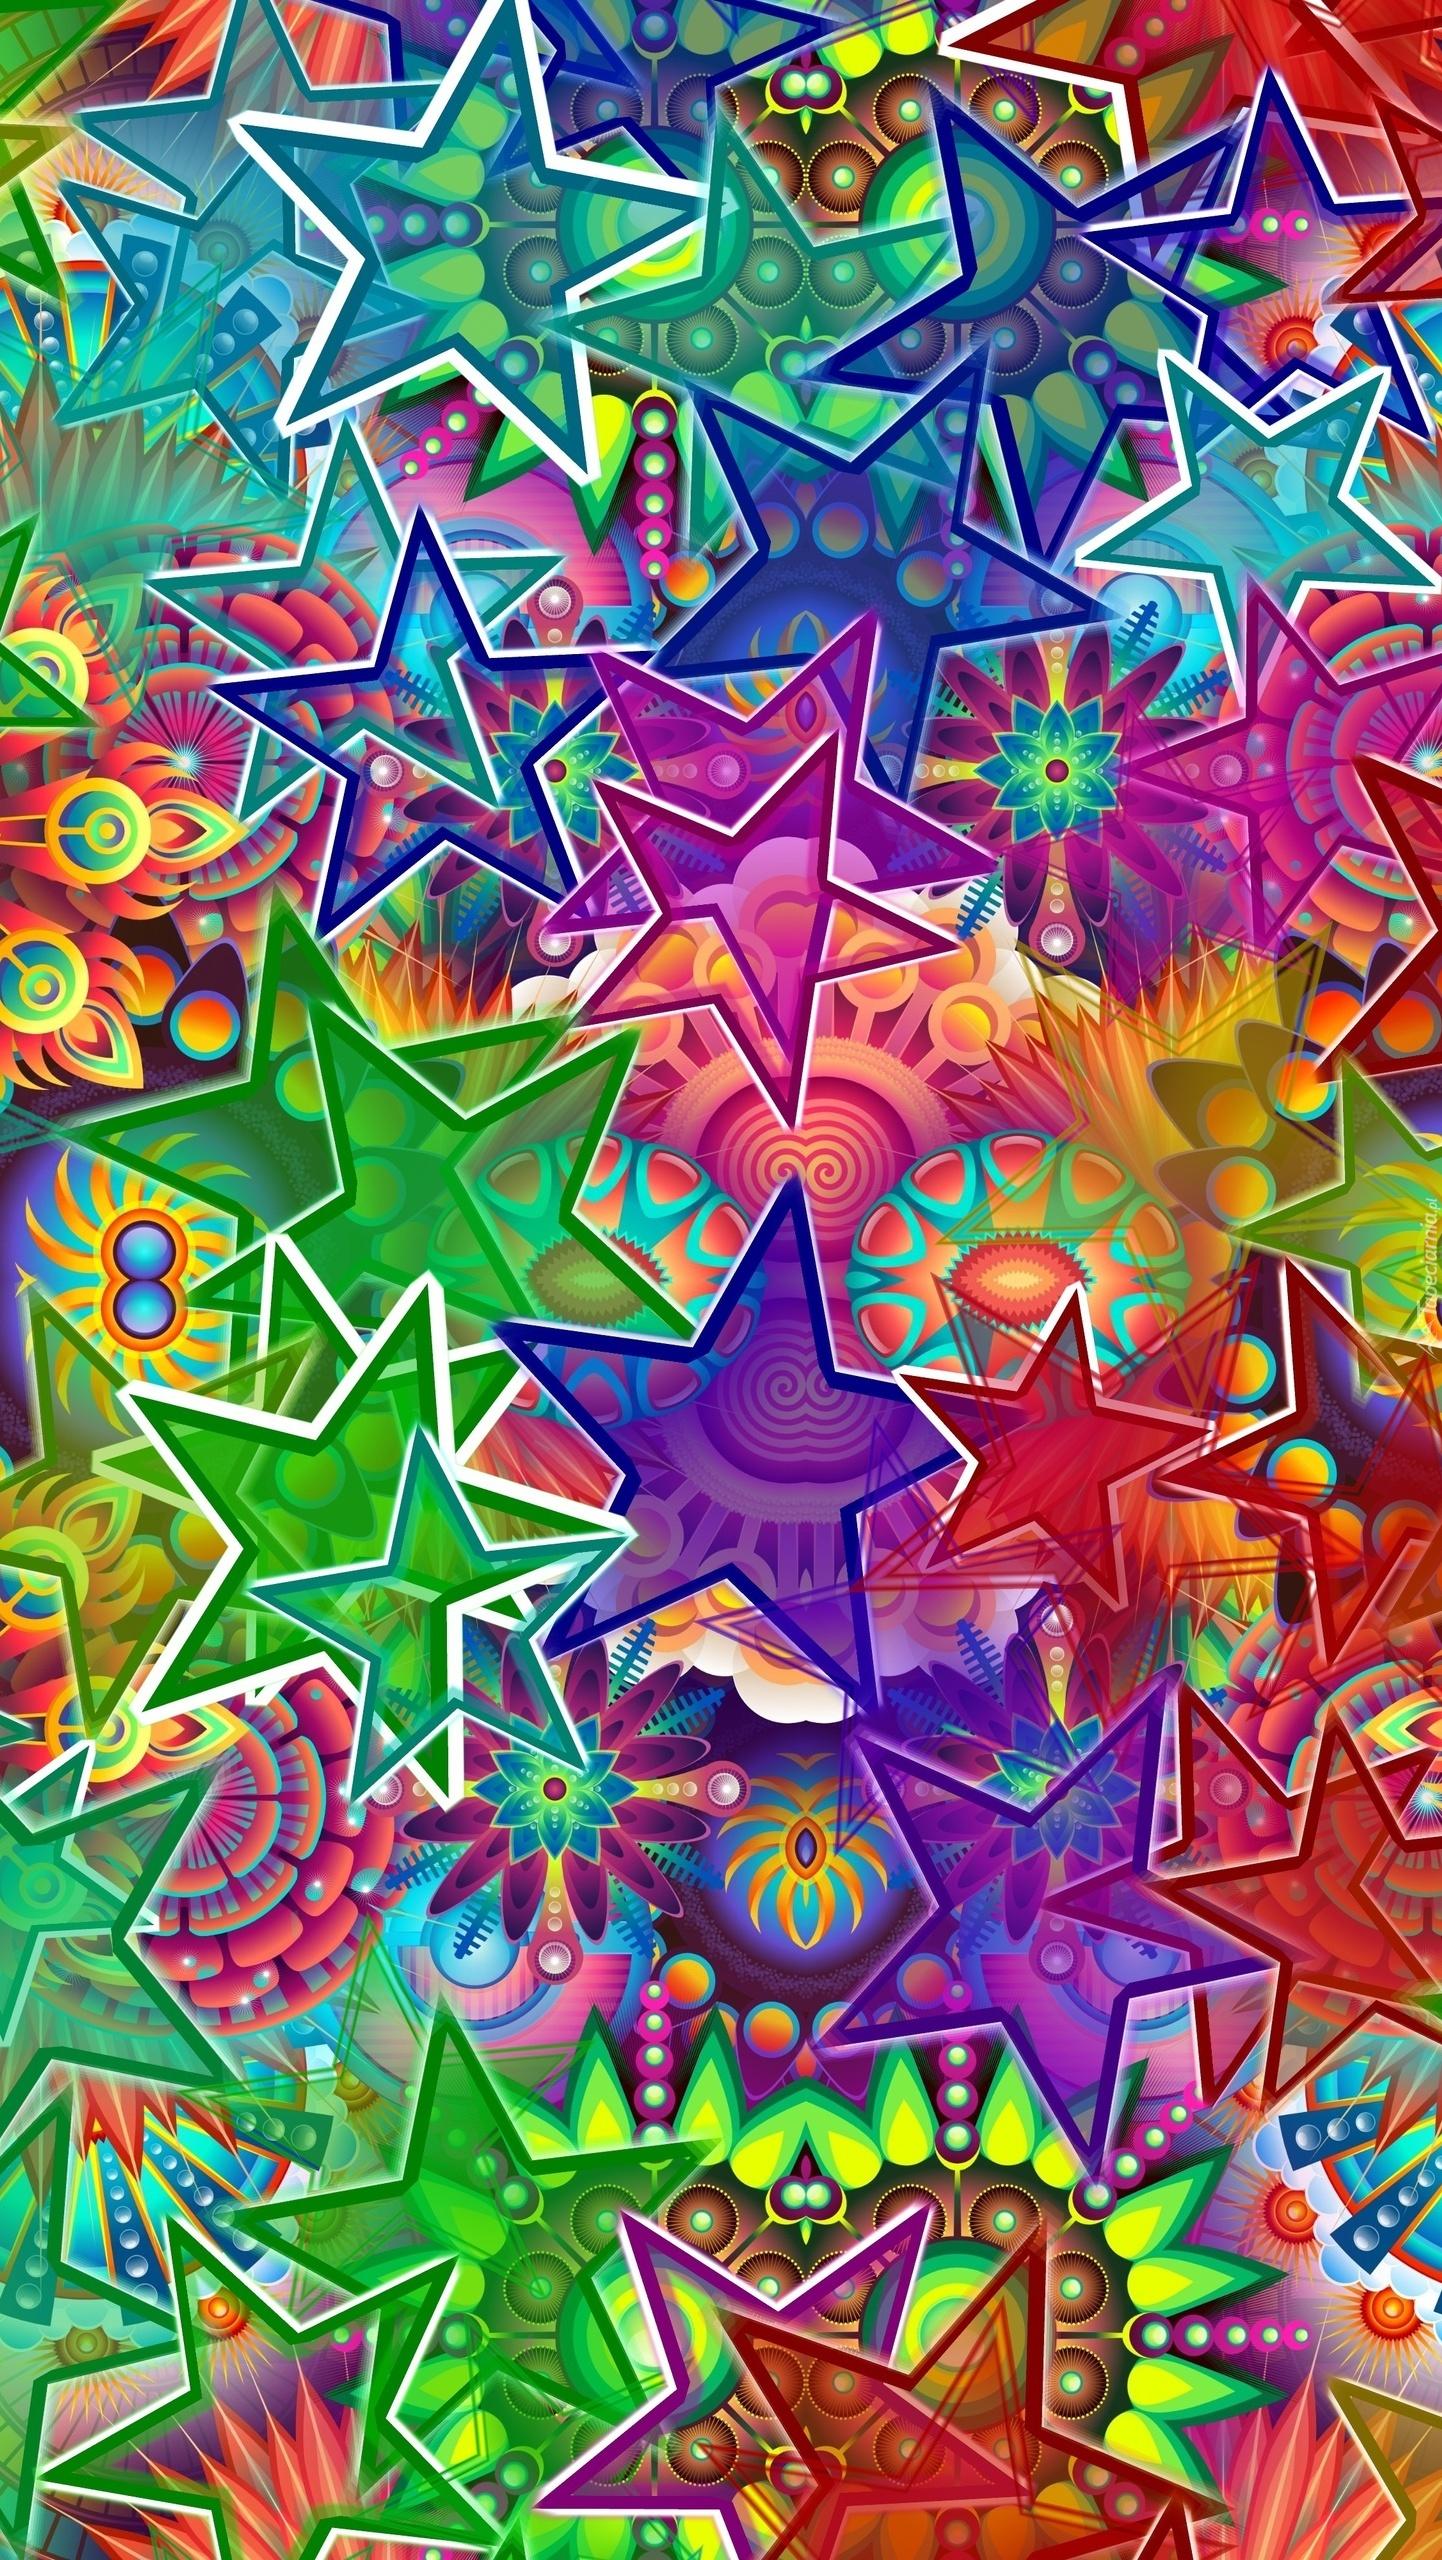 Grafika kolorowych gwiazdek